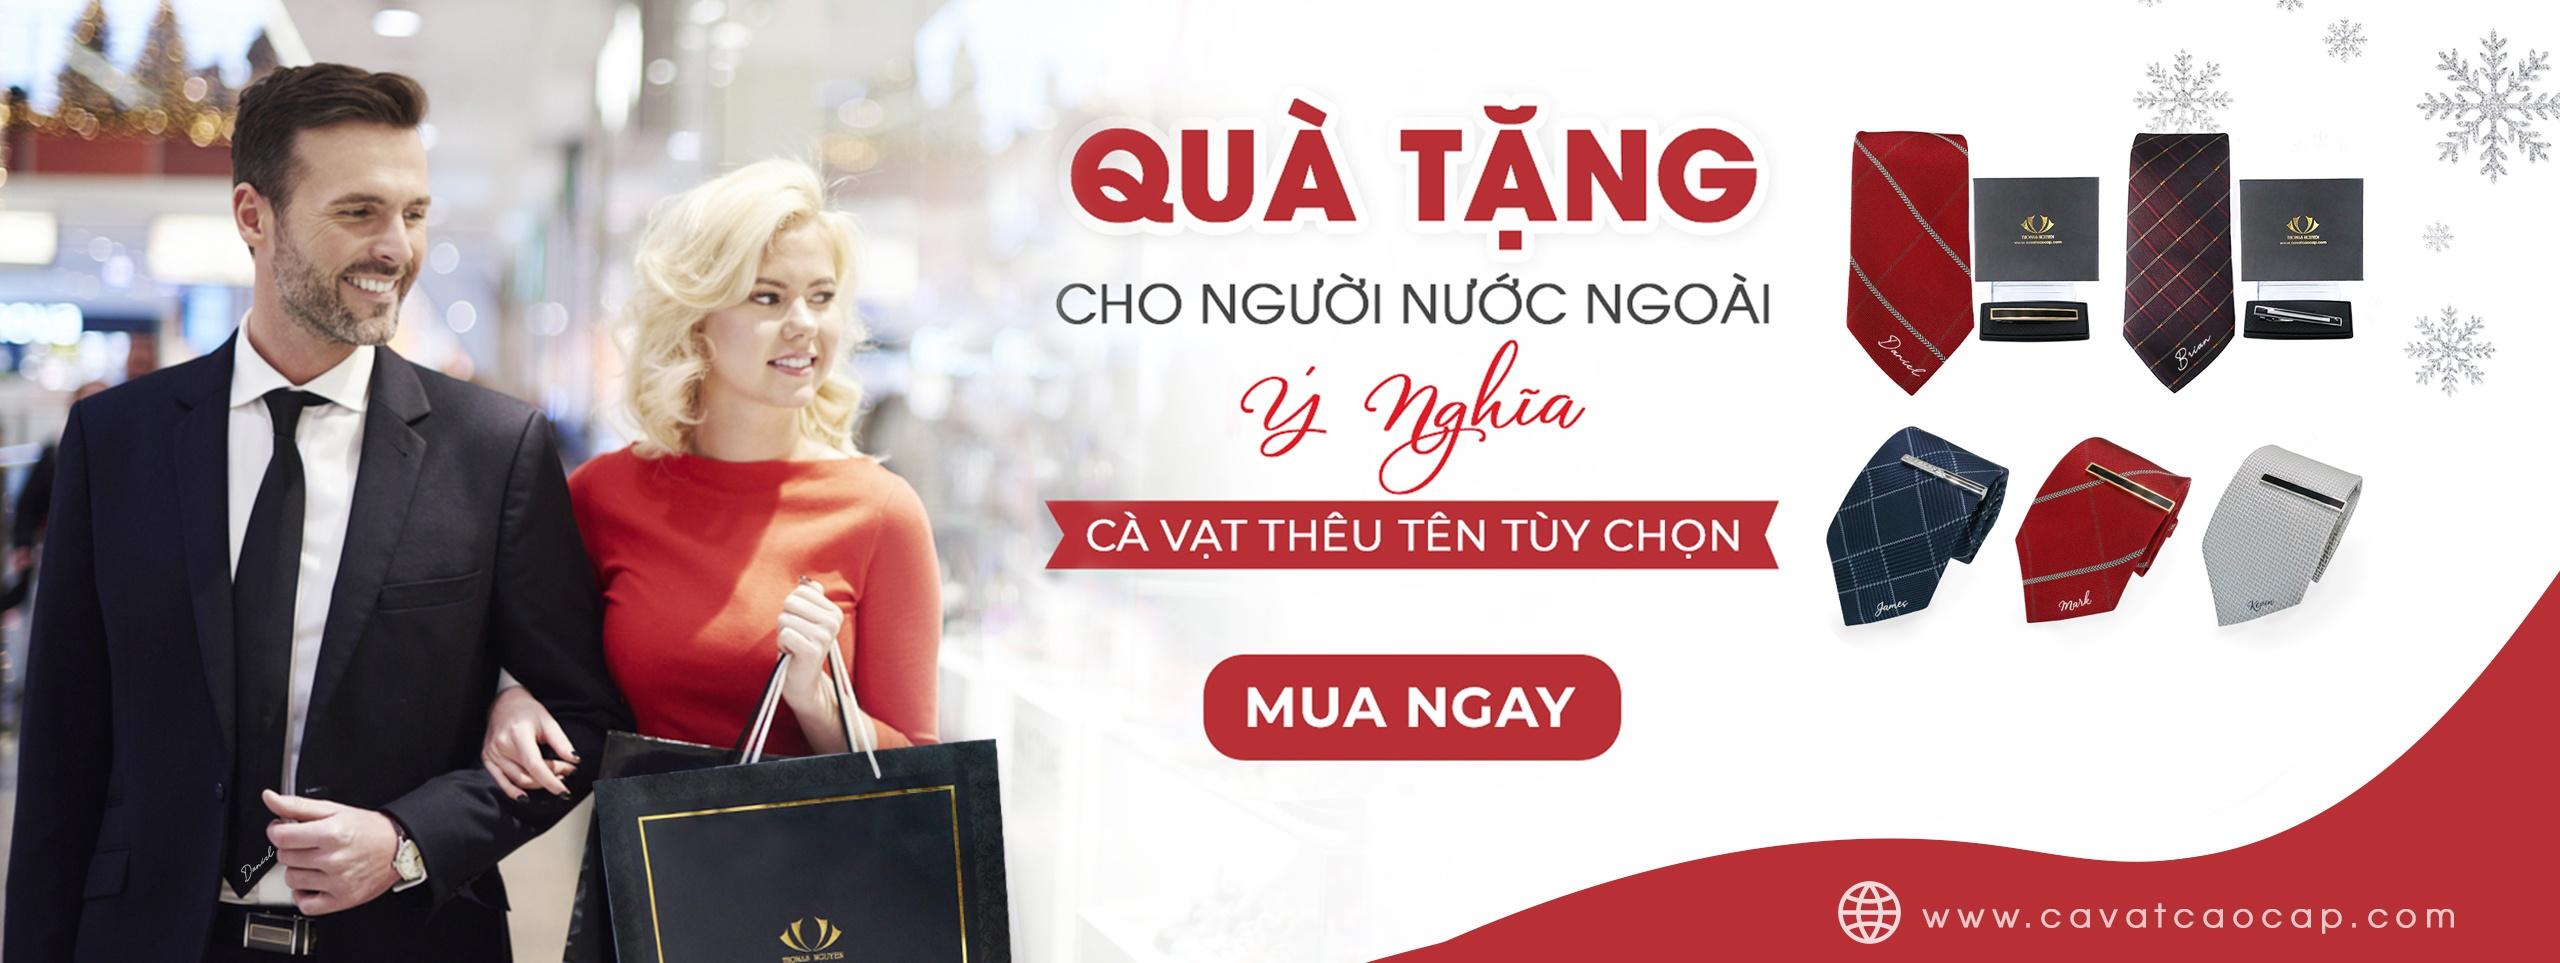 Quà tặng người nước ngoài Thomas Nguyen